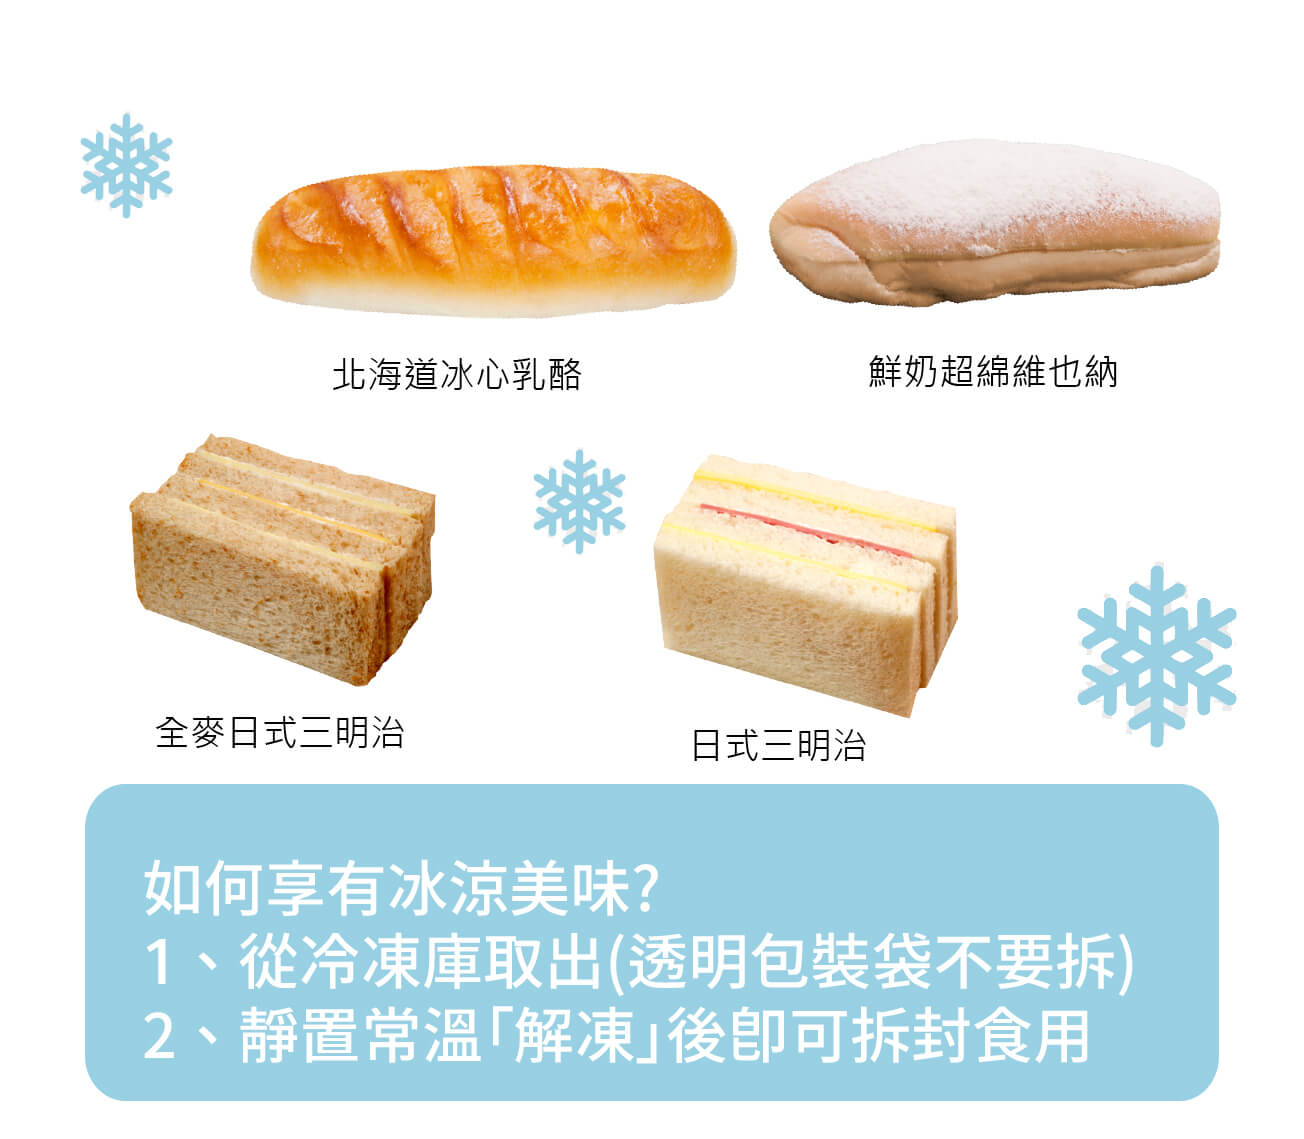 冰冰吃.jpg